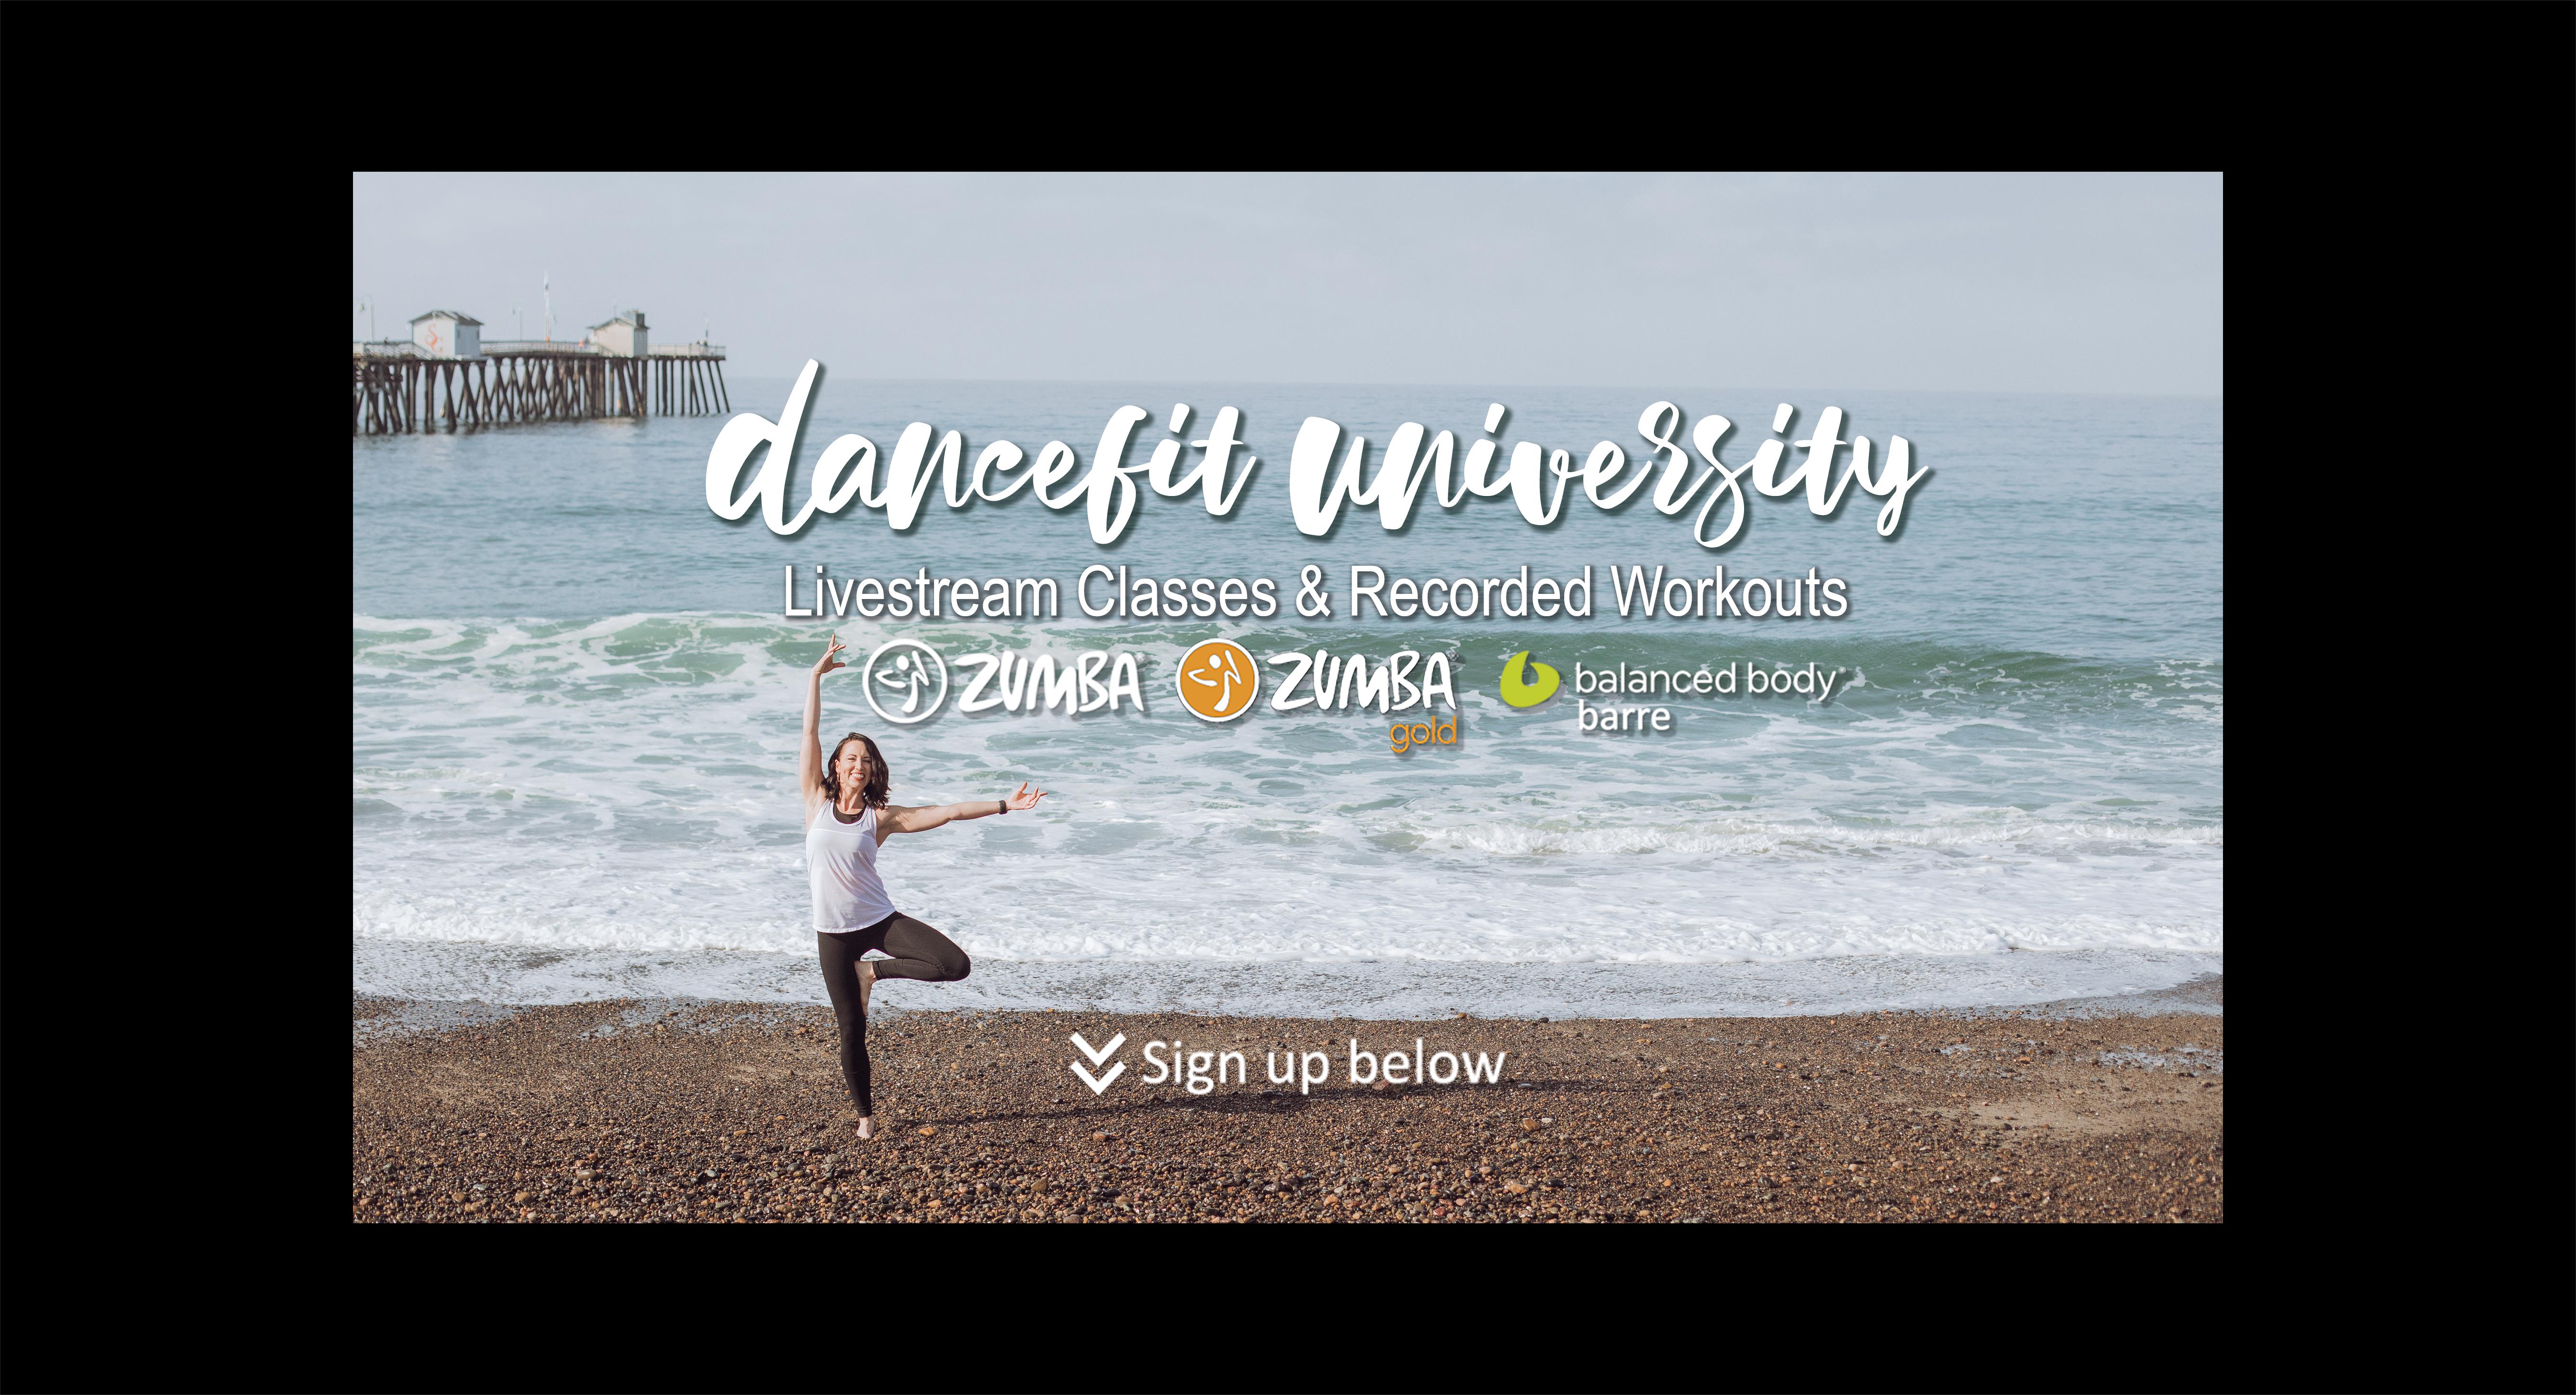 dance fitness tutorials zumba